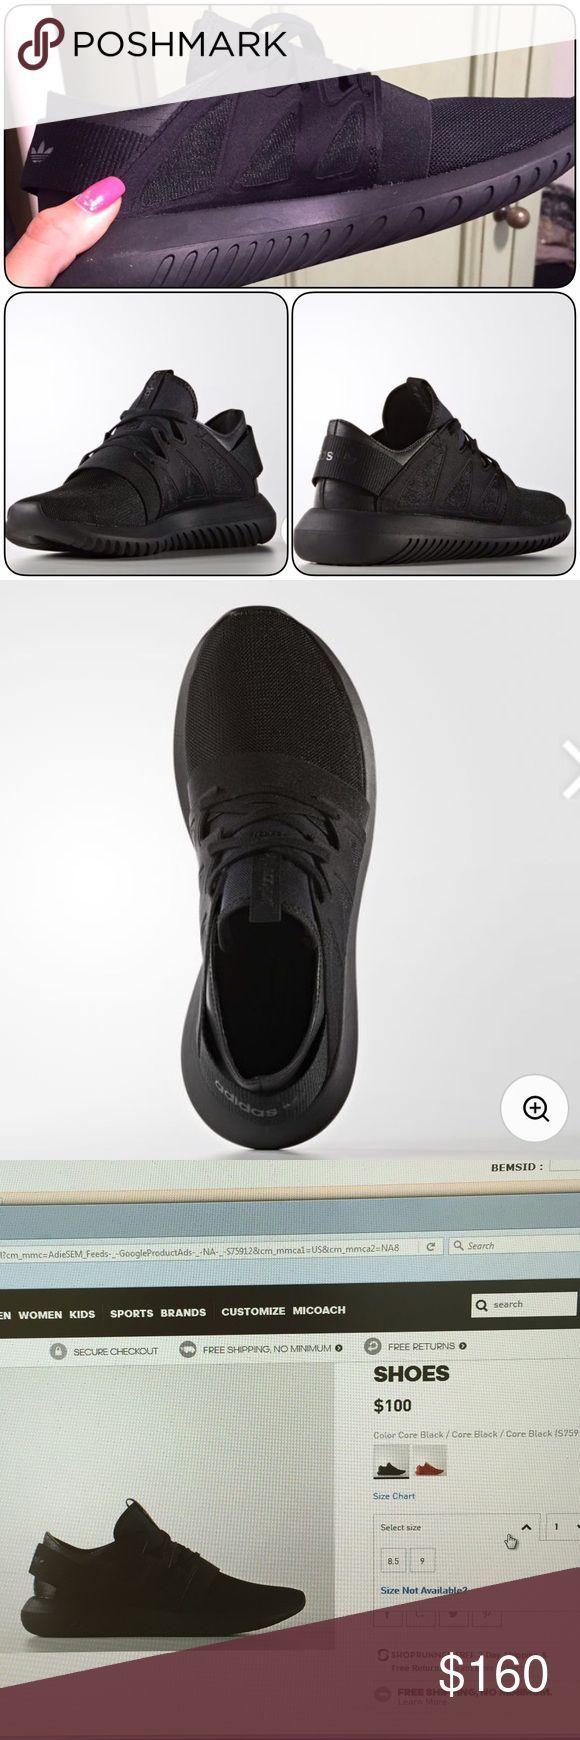 Adidas tubuläre virale Größe 7,5 Eine halbe Größe zu groß